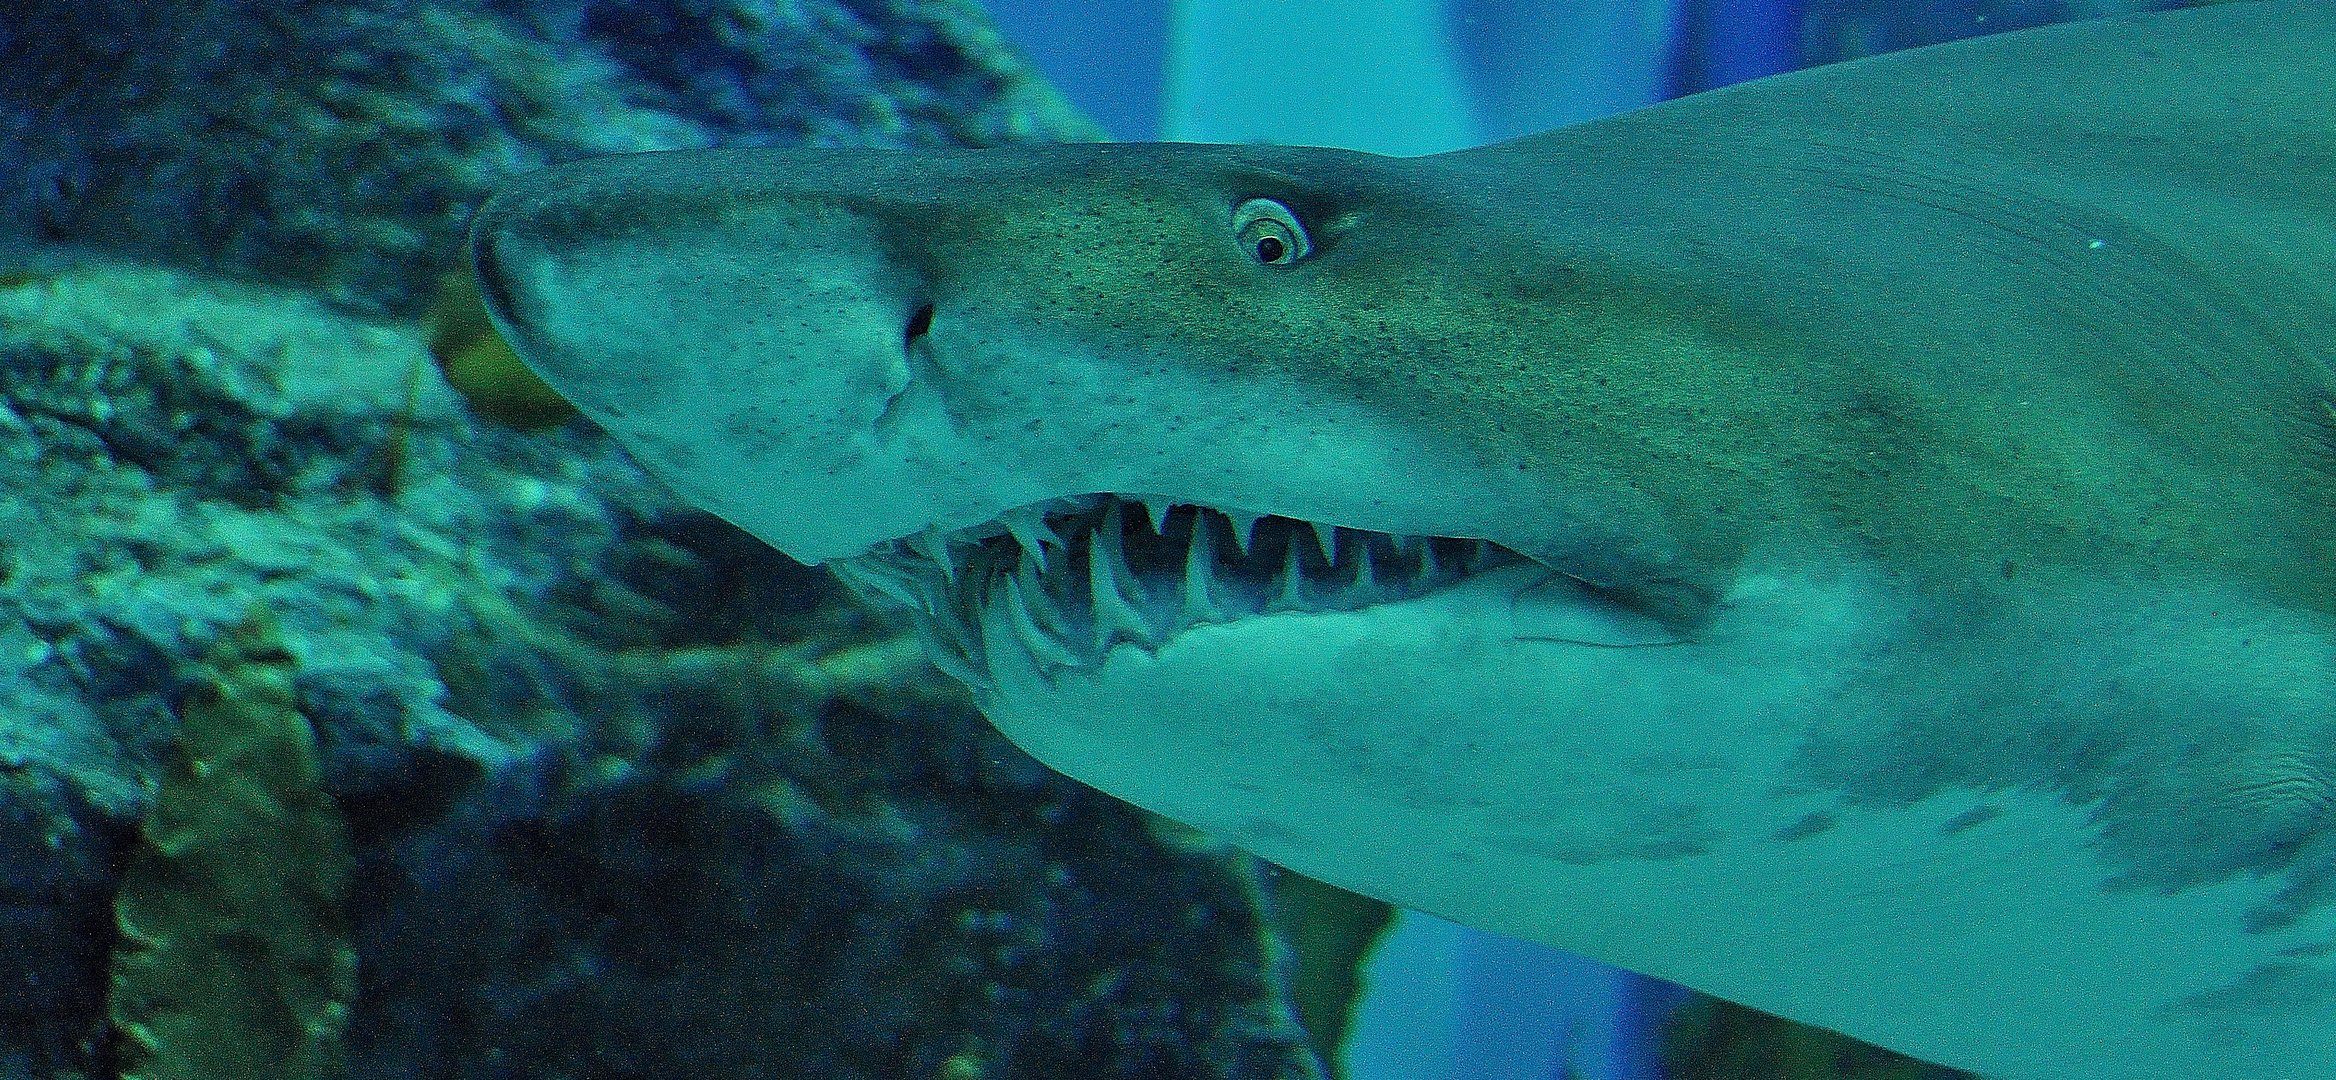 hai-im-dubai-aquarium-2f5054bc-6e2c-46cb-8adf-7e751ef82d0c Luxe De Gravier Aquarium Des Idées